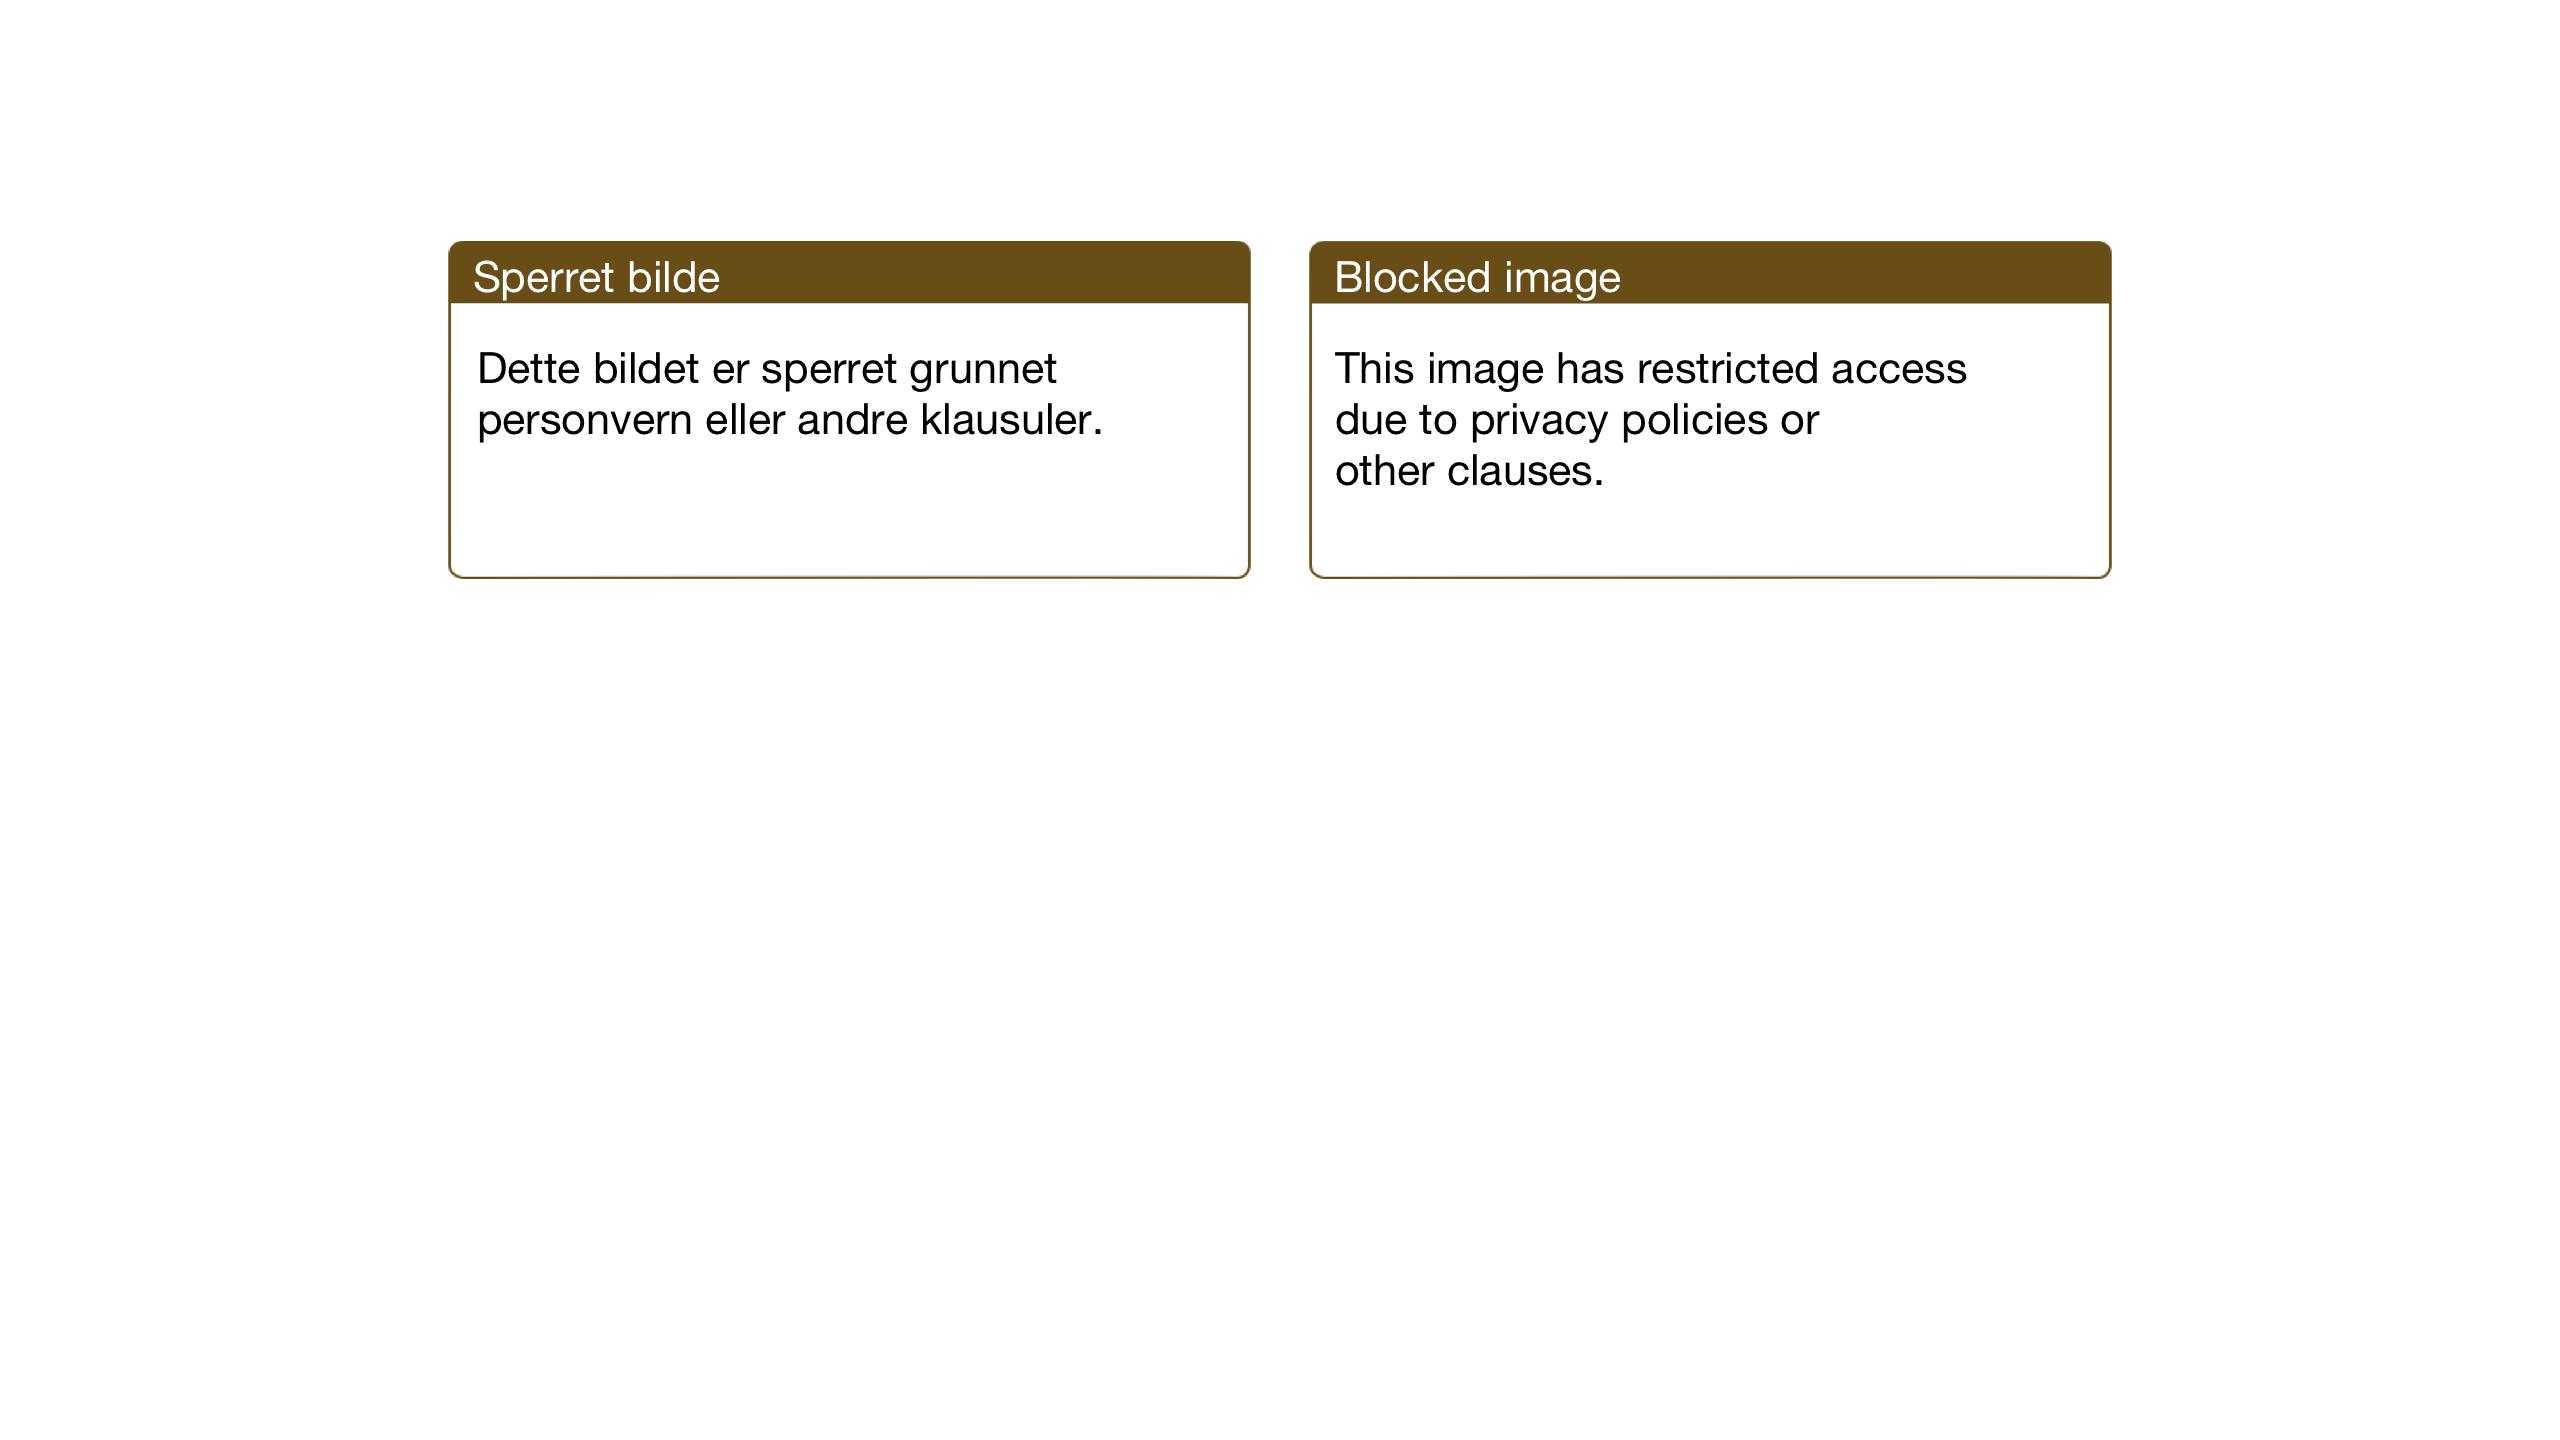 SAT, Ministerialprotokoller, klokkerbøker og fødselsregistre - Sør-Trøndelag, 653/L0658: Klokkerbok nr. 653C02, 1919-1947, s. 83